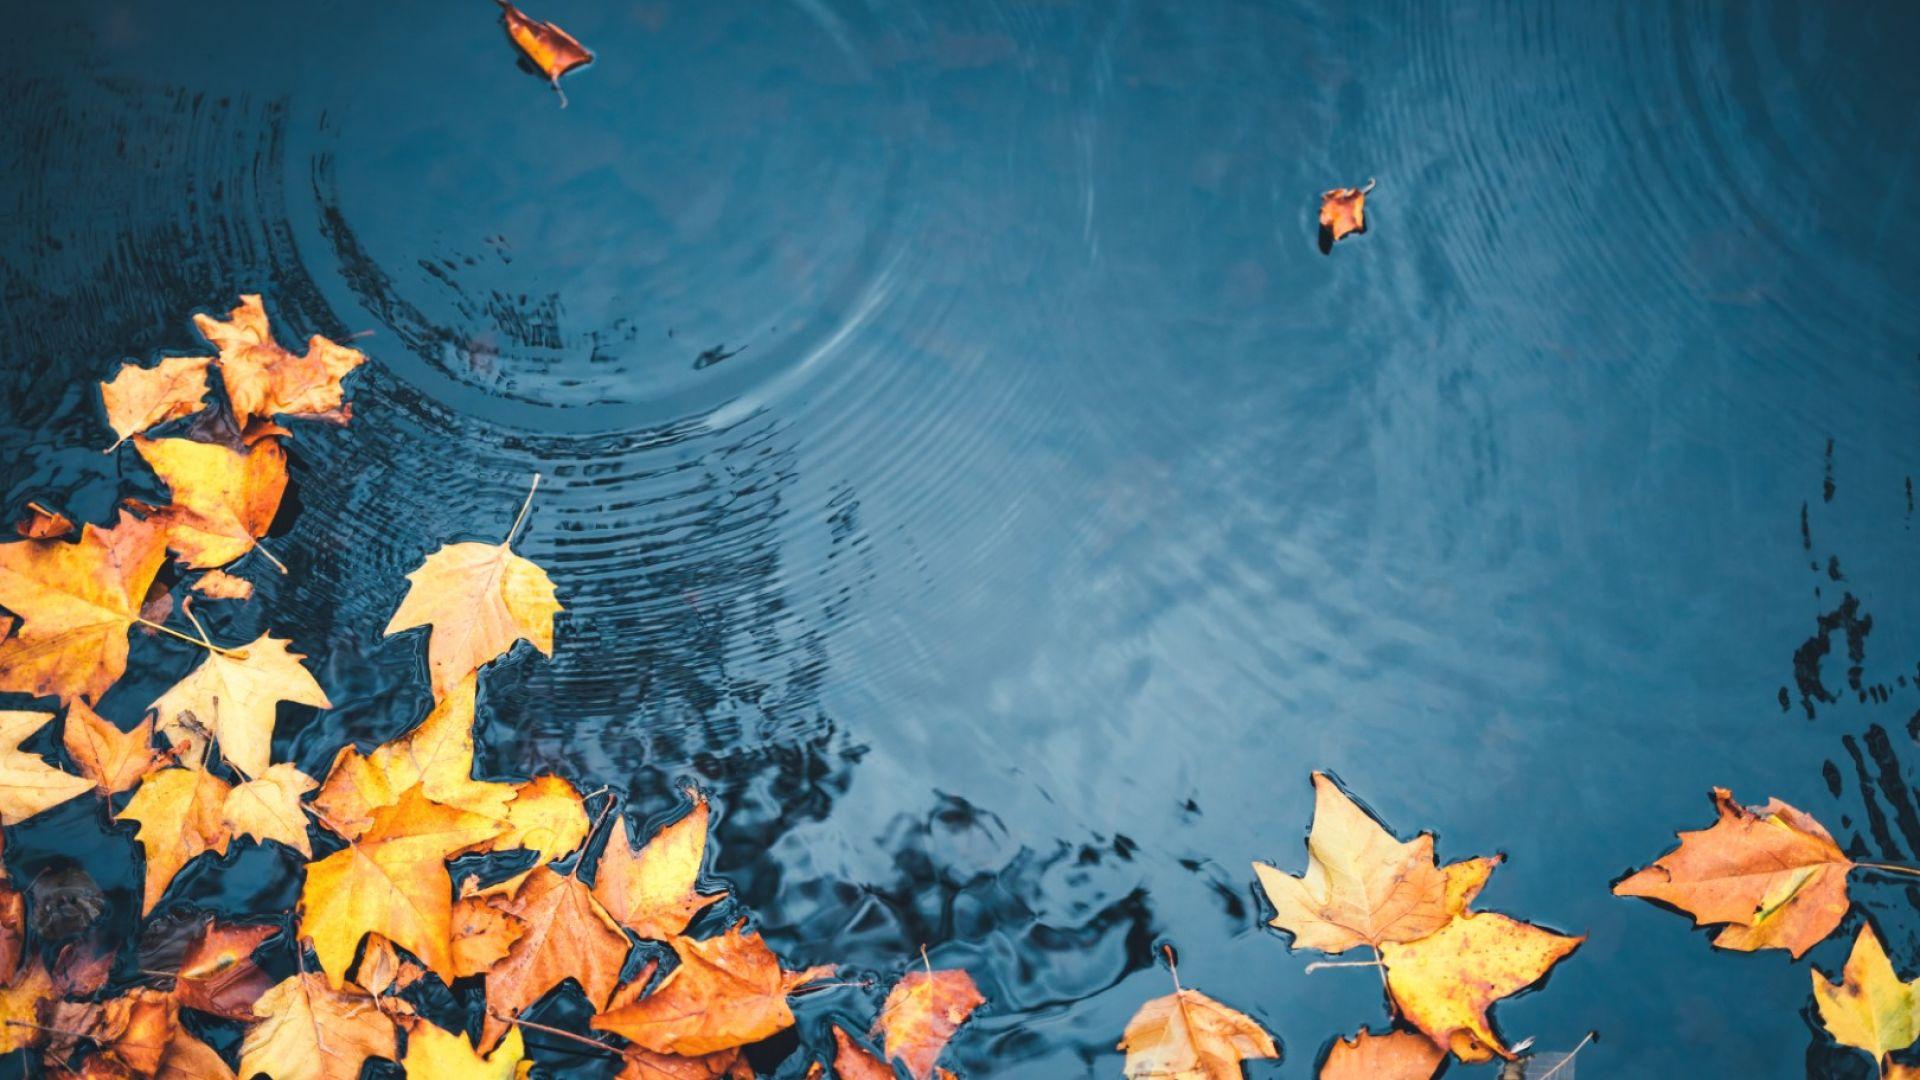 Облачно и хладно ноемврийско време в следващите дни